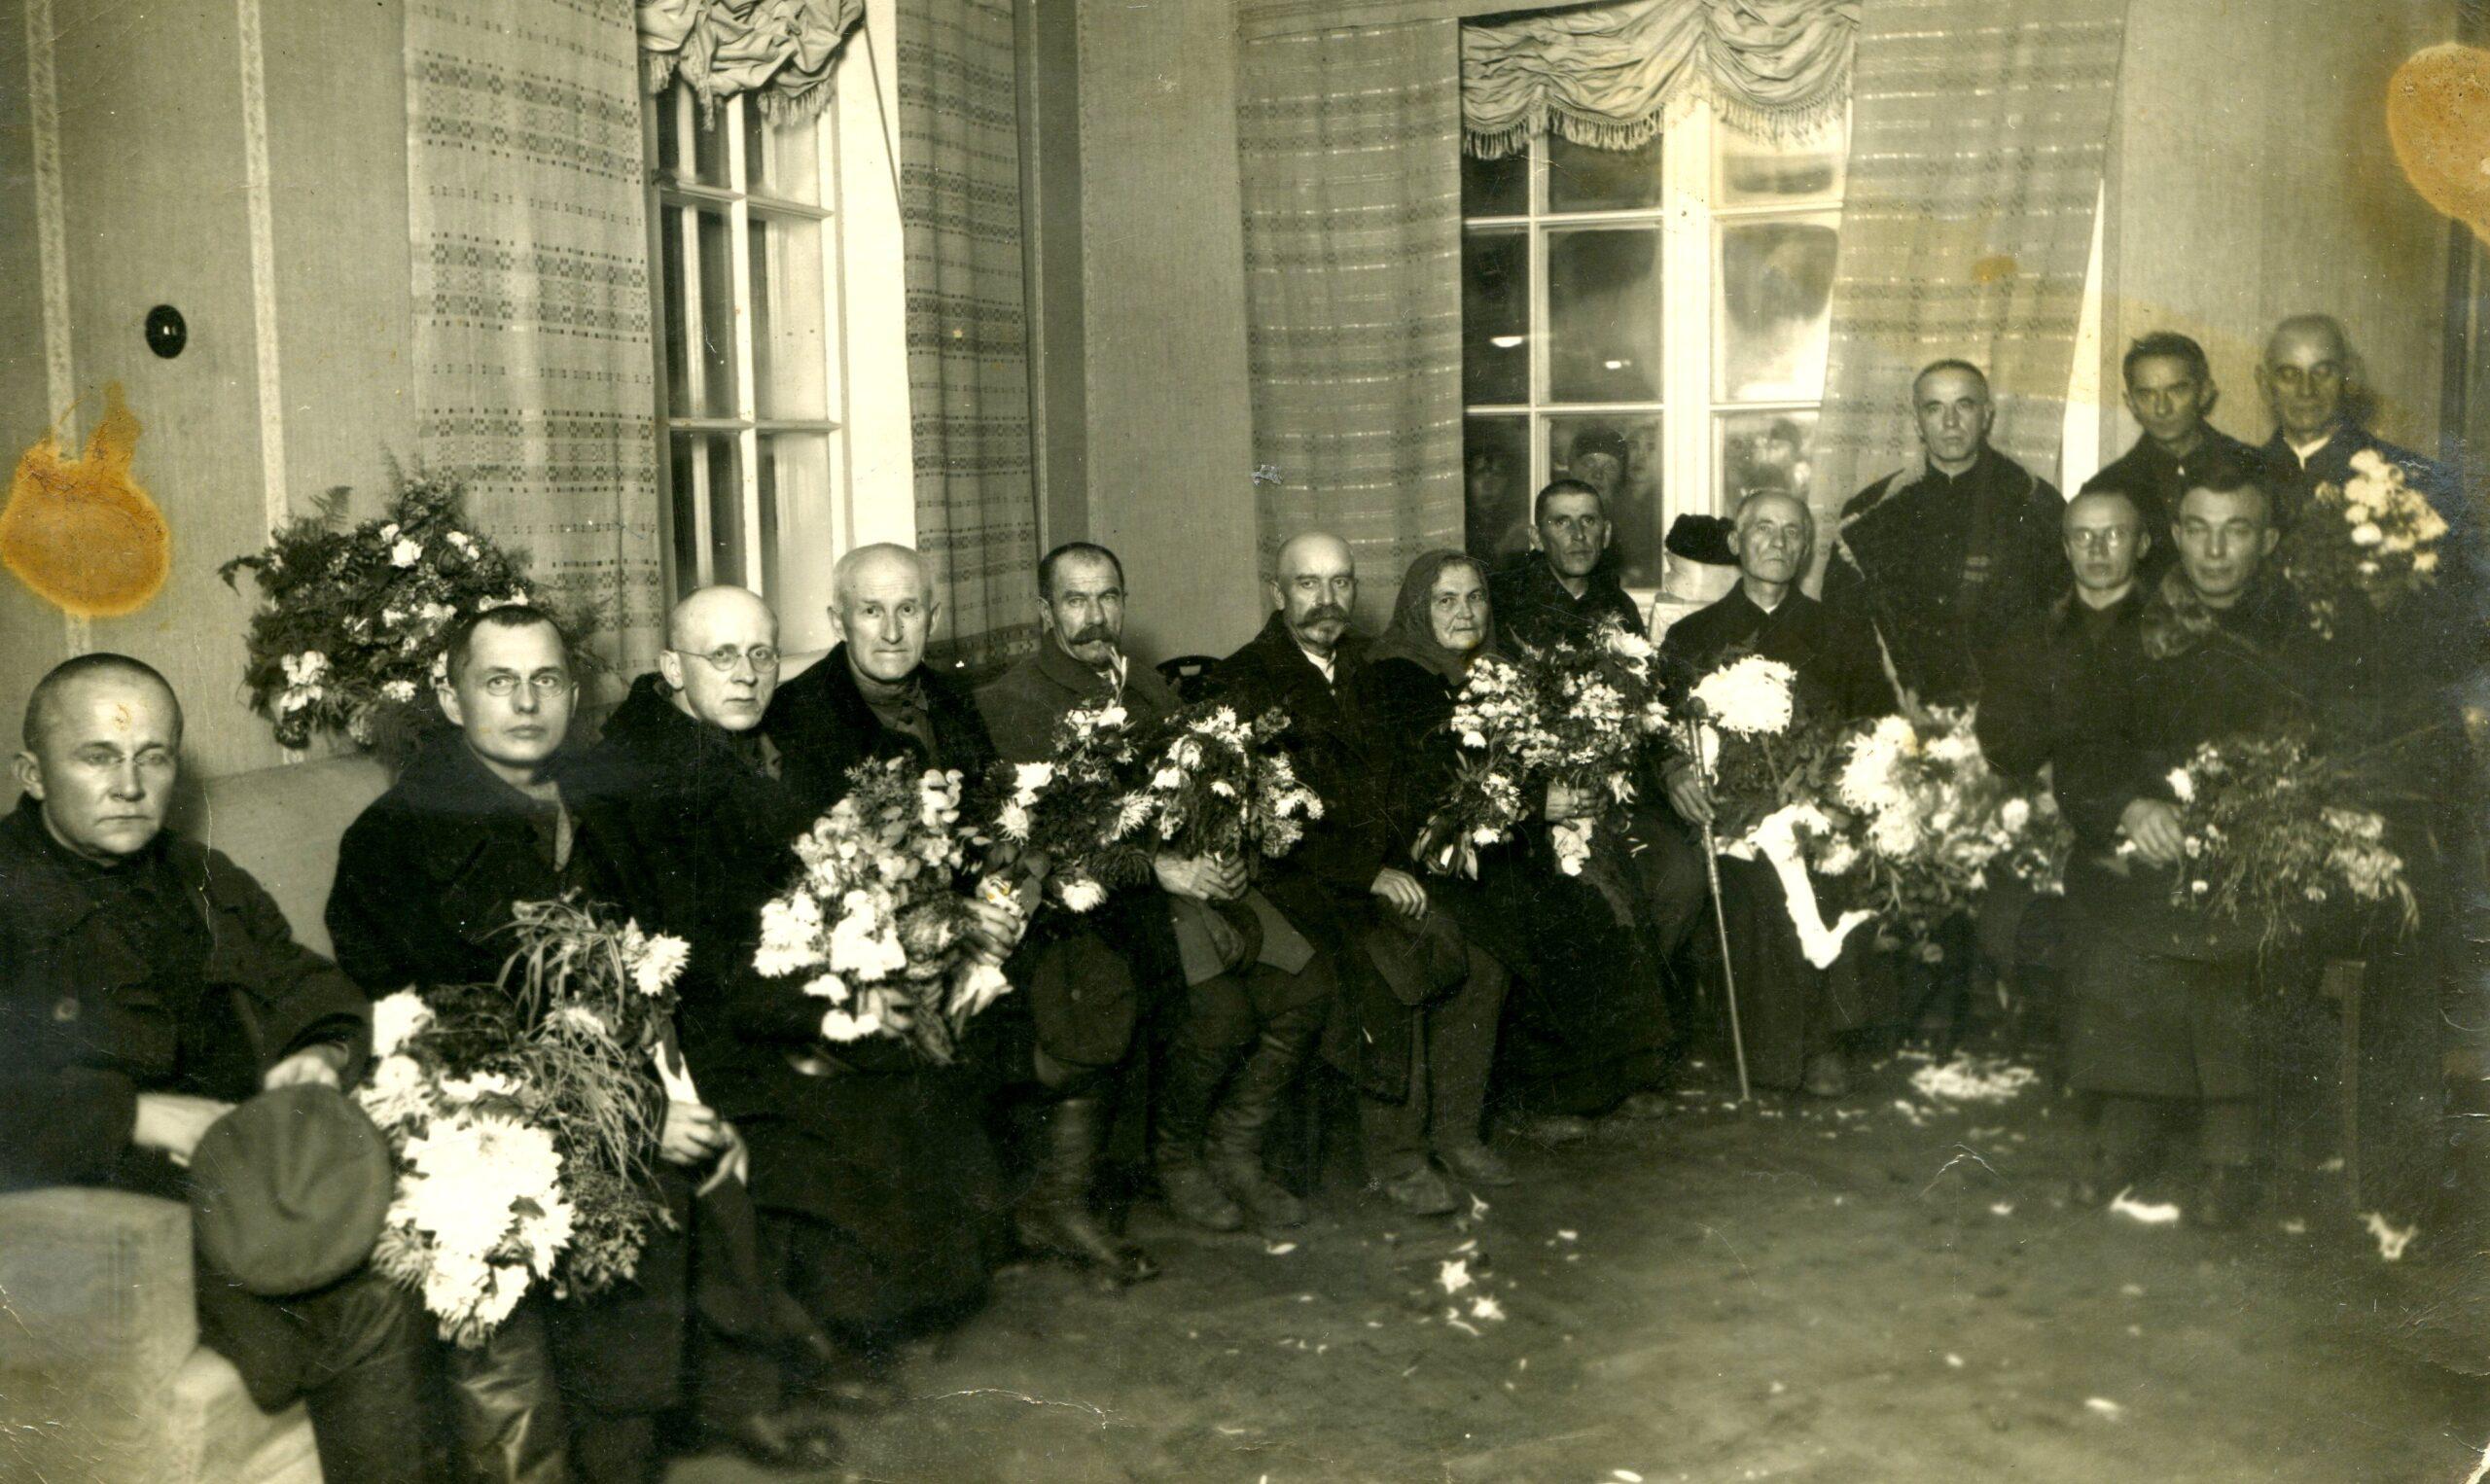 Potiniai kaliniai sėdi ant kėdžių su gėlėmis rankose.